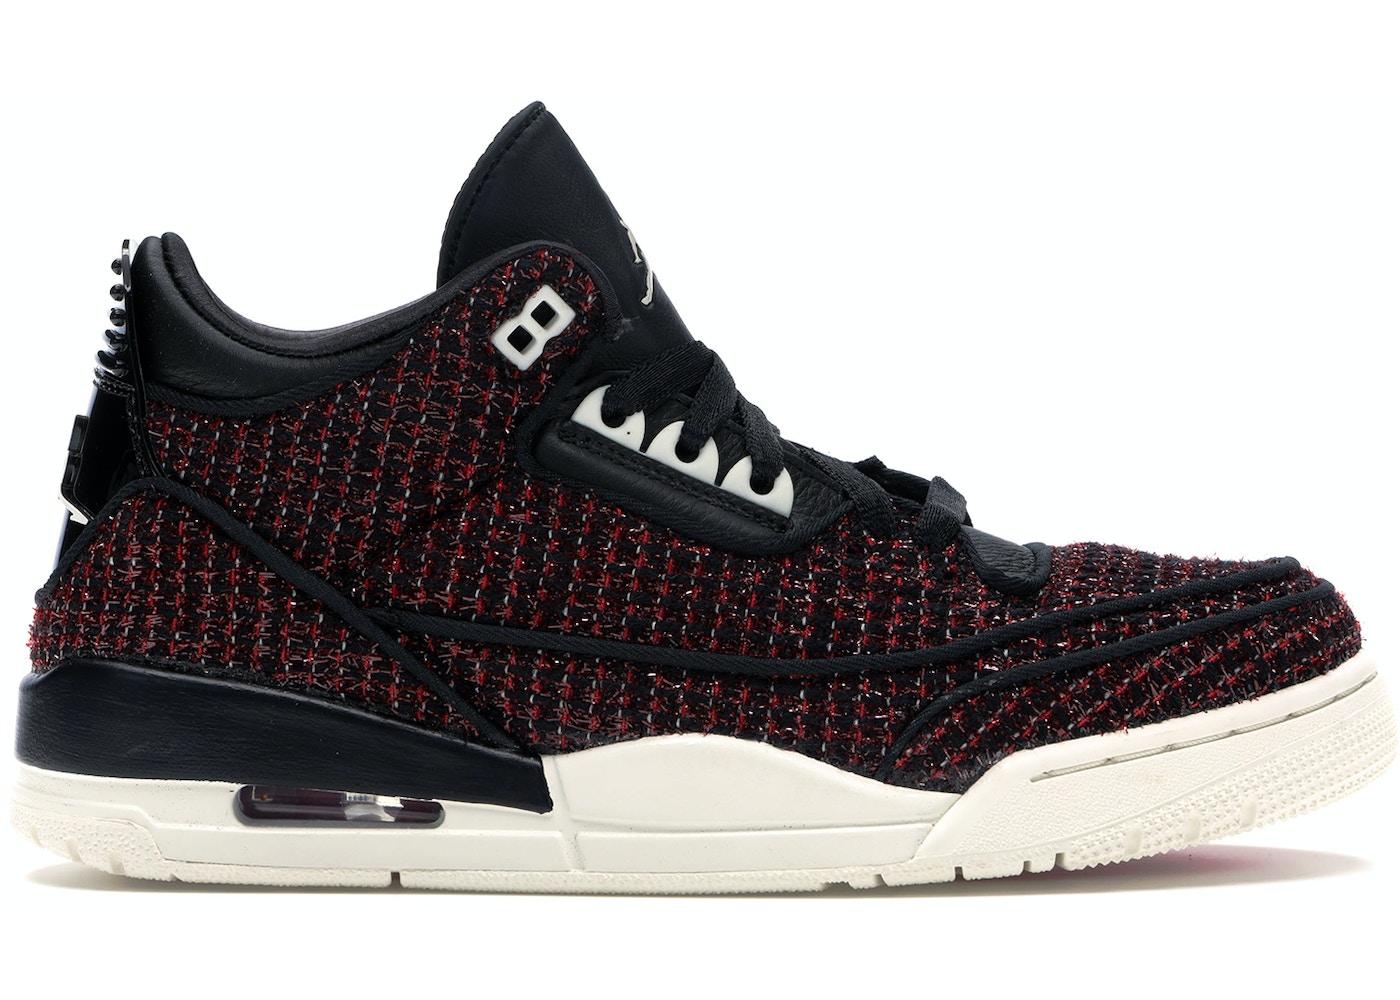 4a3fdf2761b196 Jordan 3 Retro AWOK Vogue University Red (W) - BQ3195-601